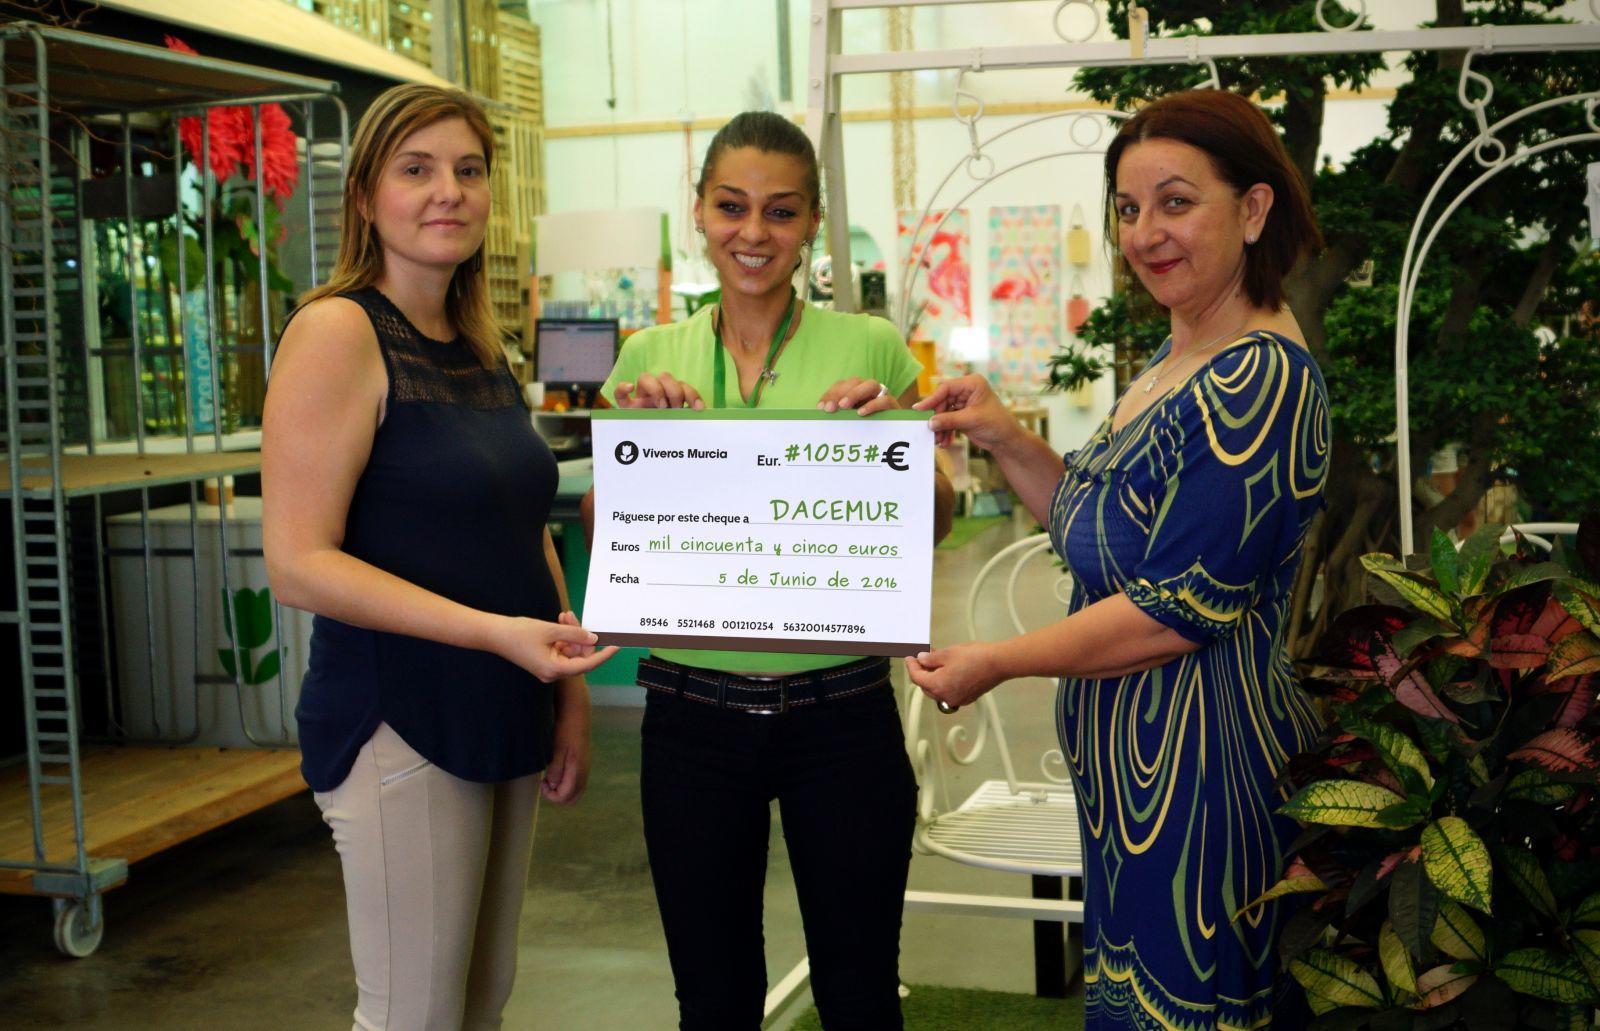 Viveros Murcia recauda 1055€ en donativos para DACEMUR